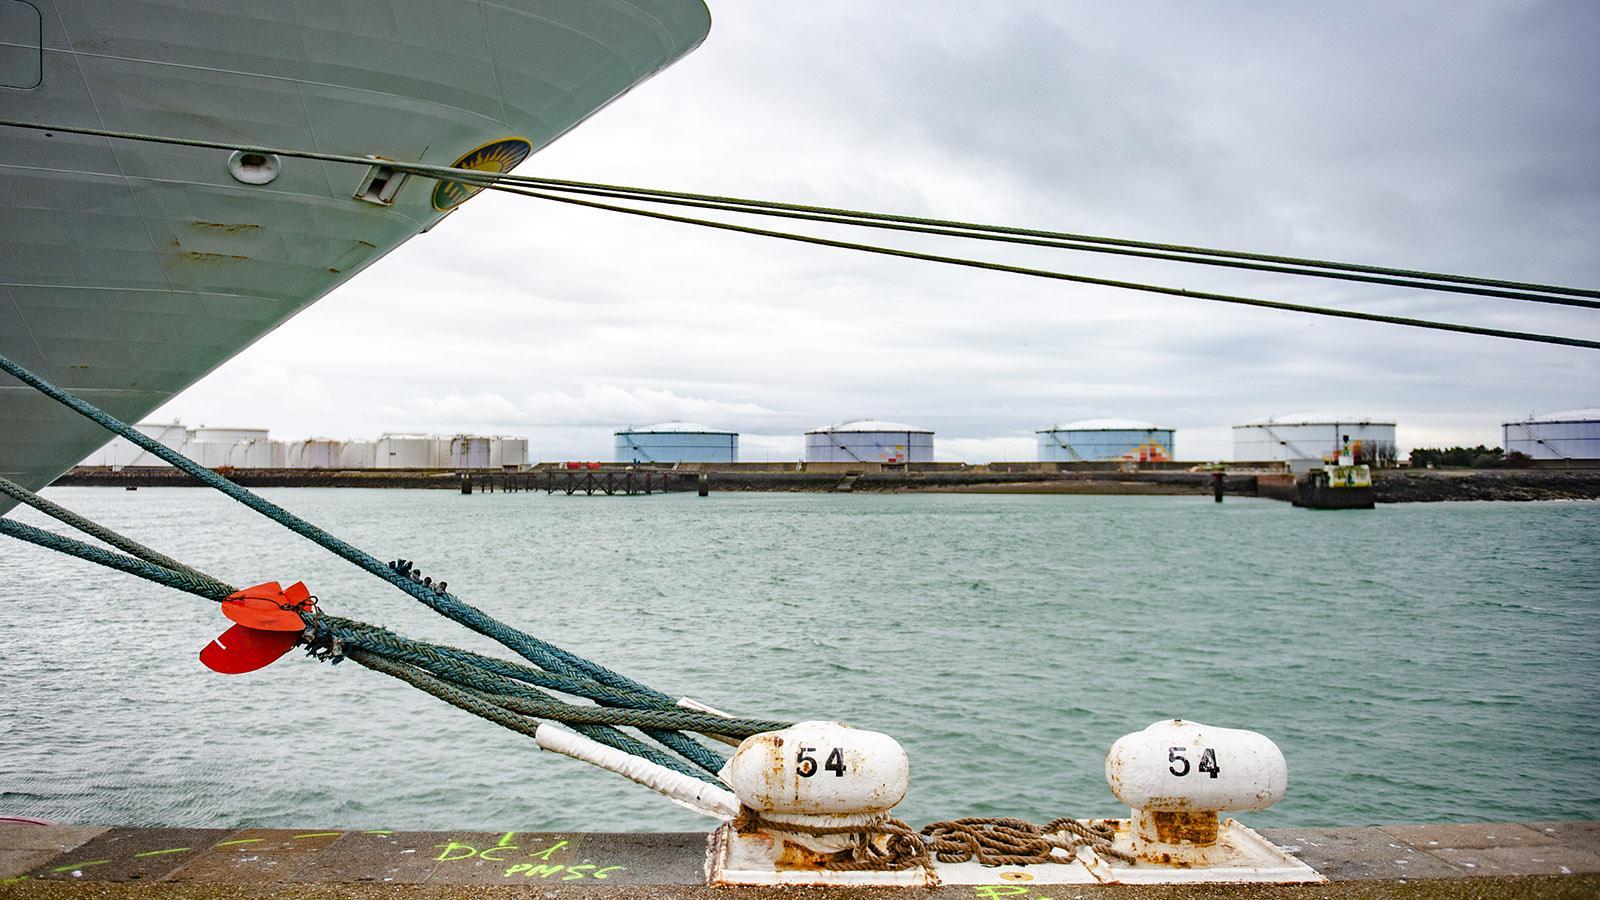 Le Havre ist ein wichtiger Petroleumhafen. Foto: Hilke Maunder